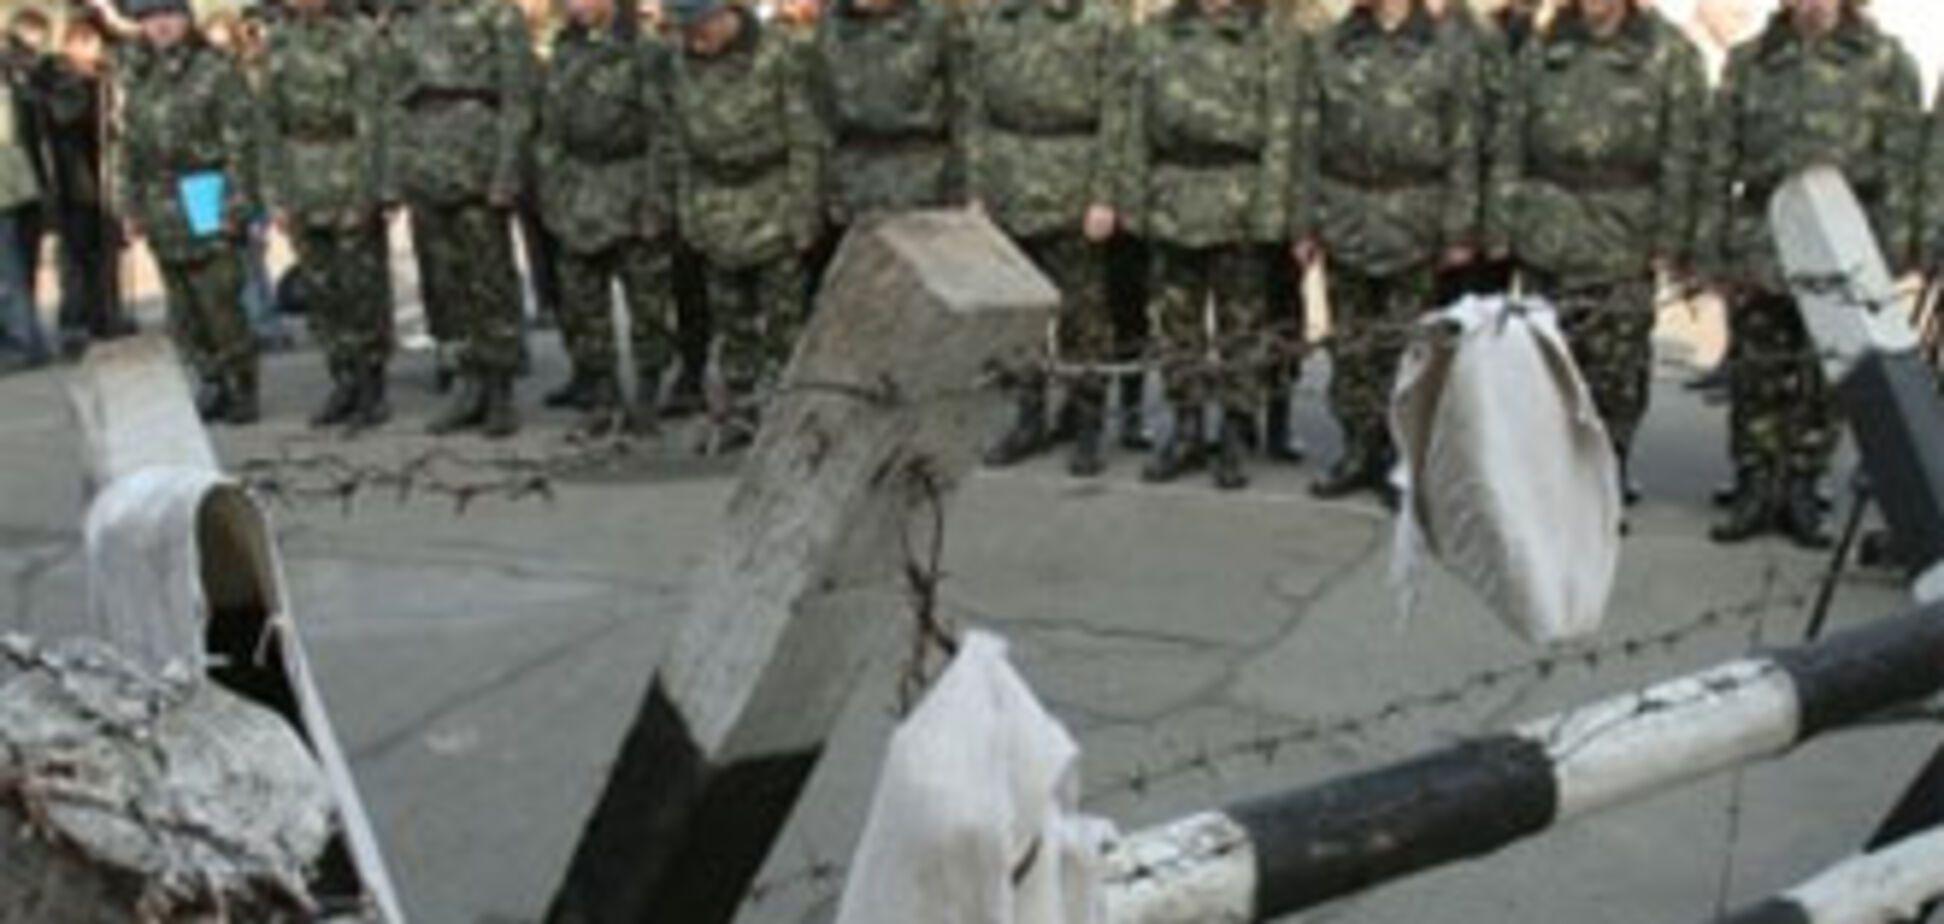 Заарештовано офіцер, який застрелив солдата в Одесі